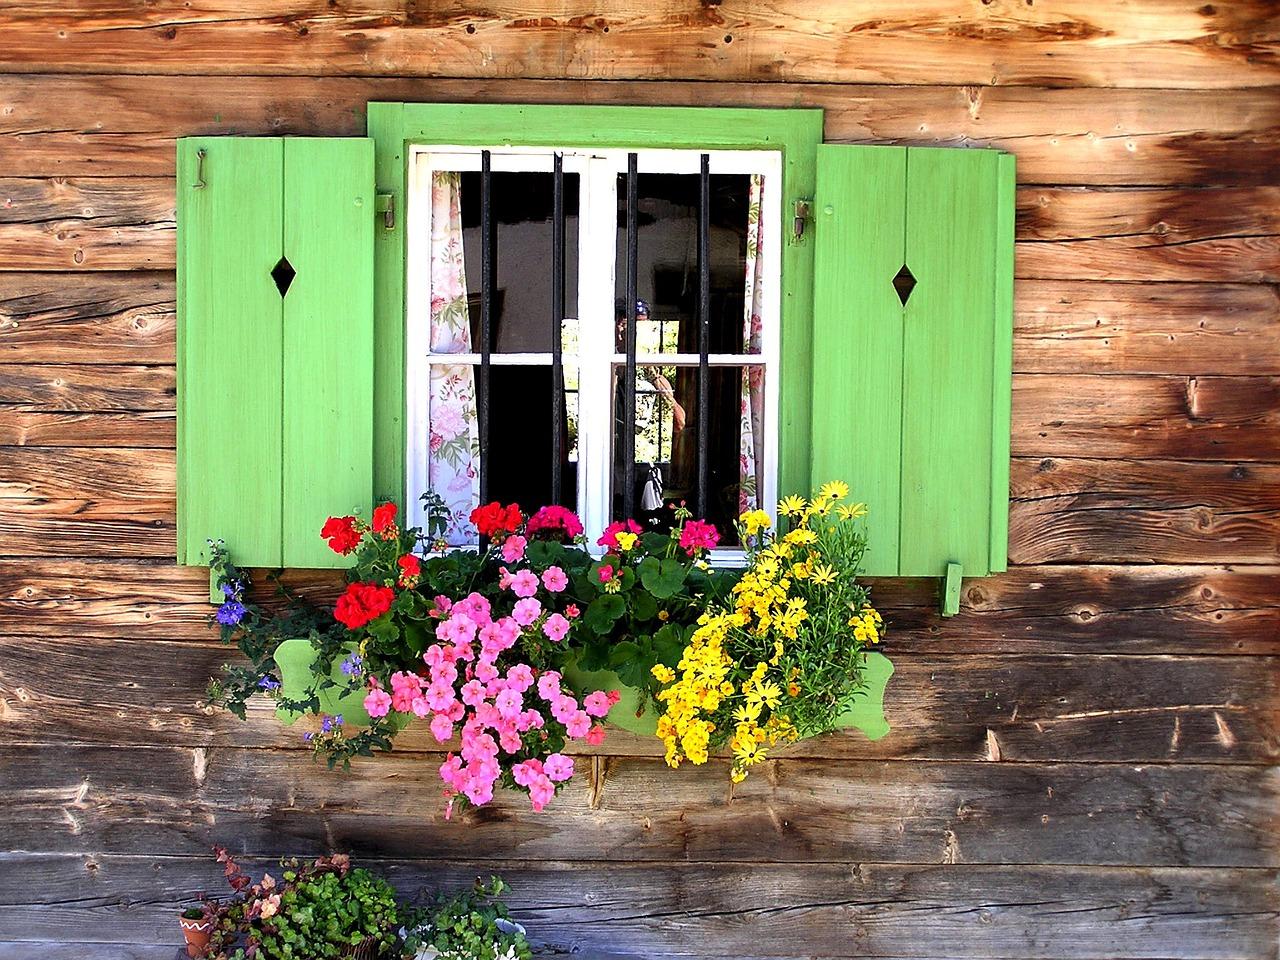 как покрасить деревянные окна в деревне фото городе томск